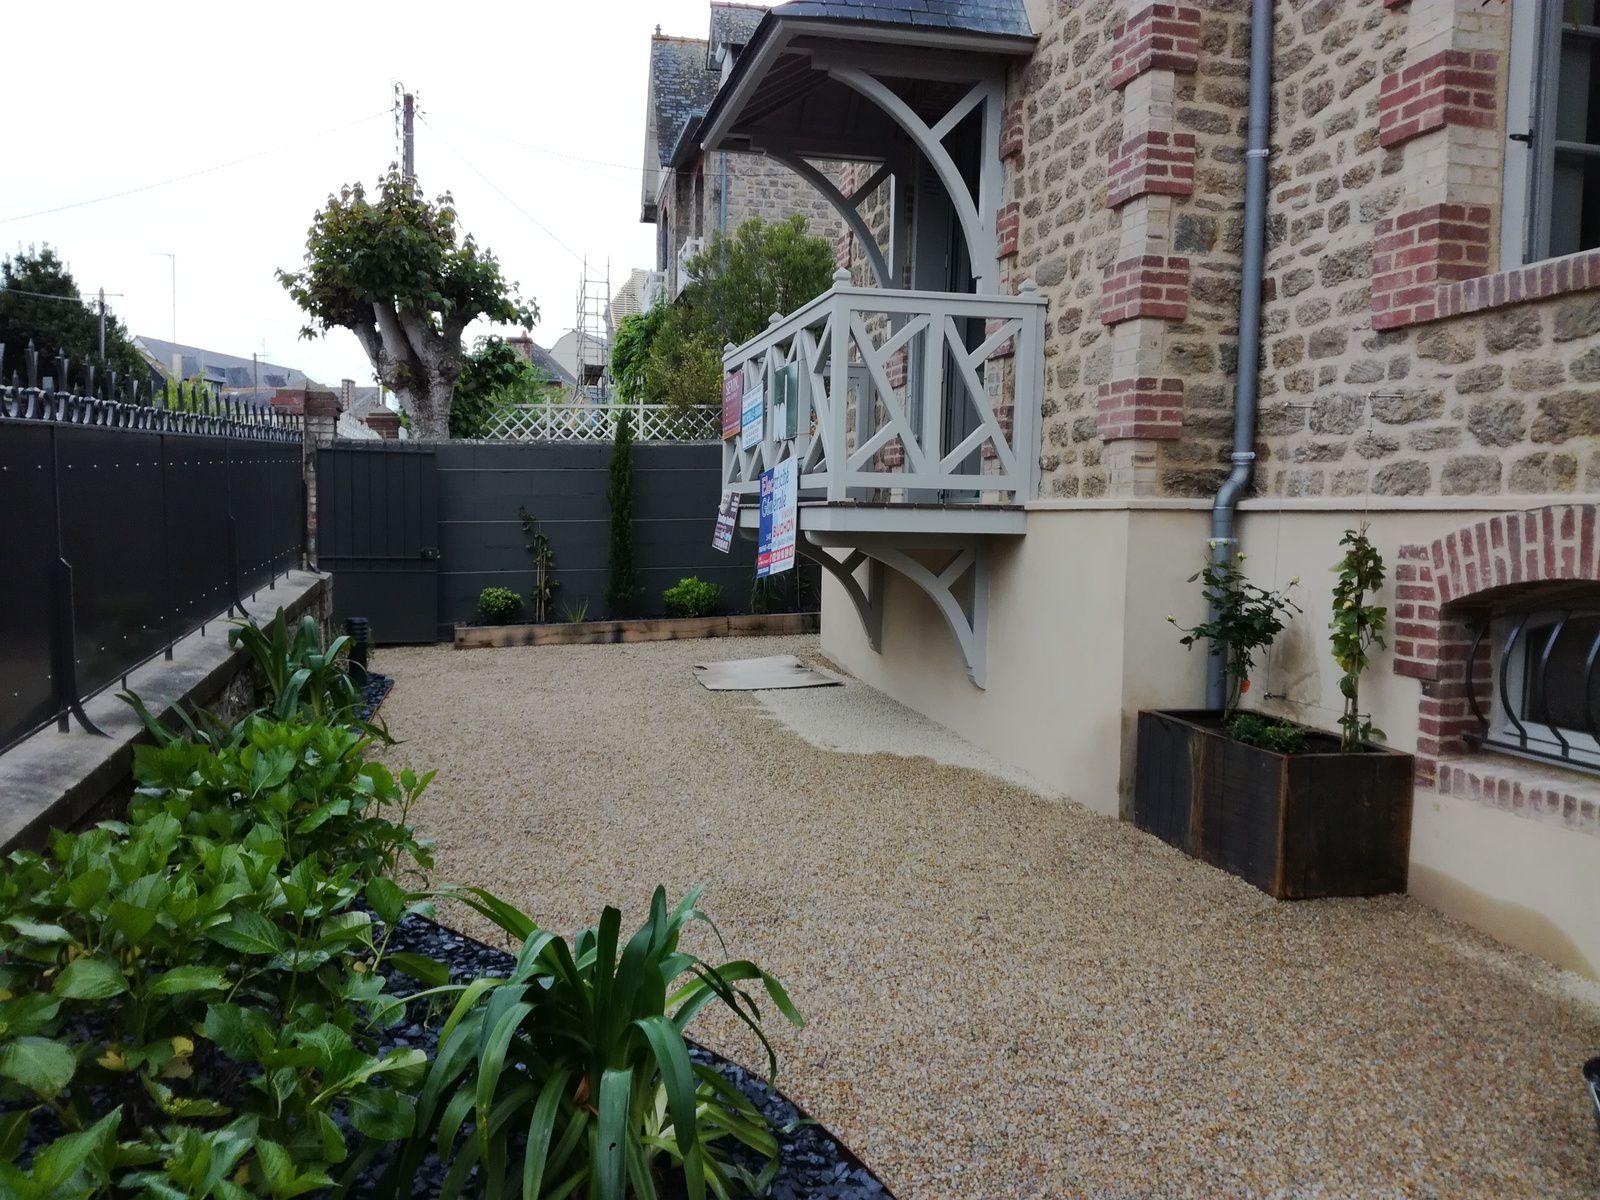 Aménagement extérieur d'un jardin de ville